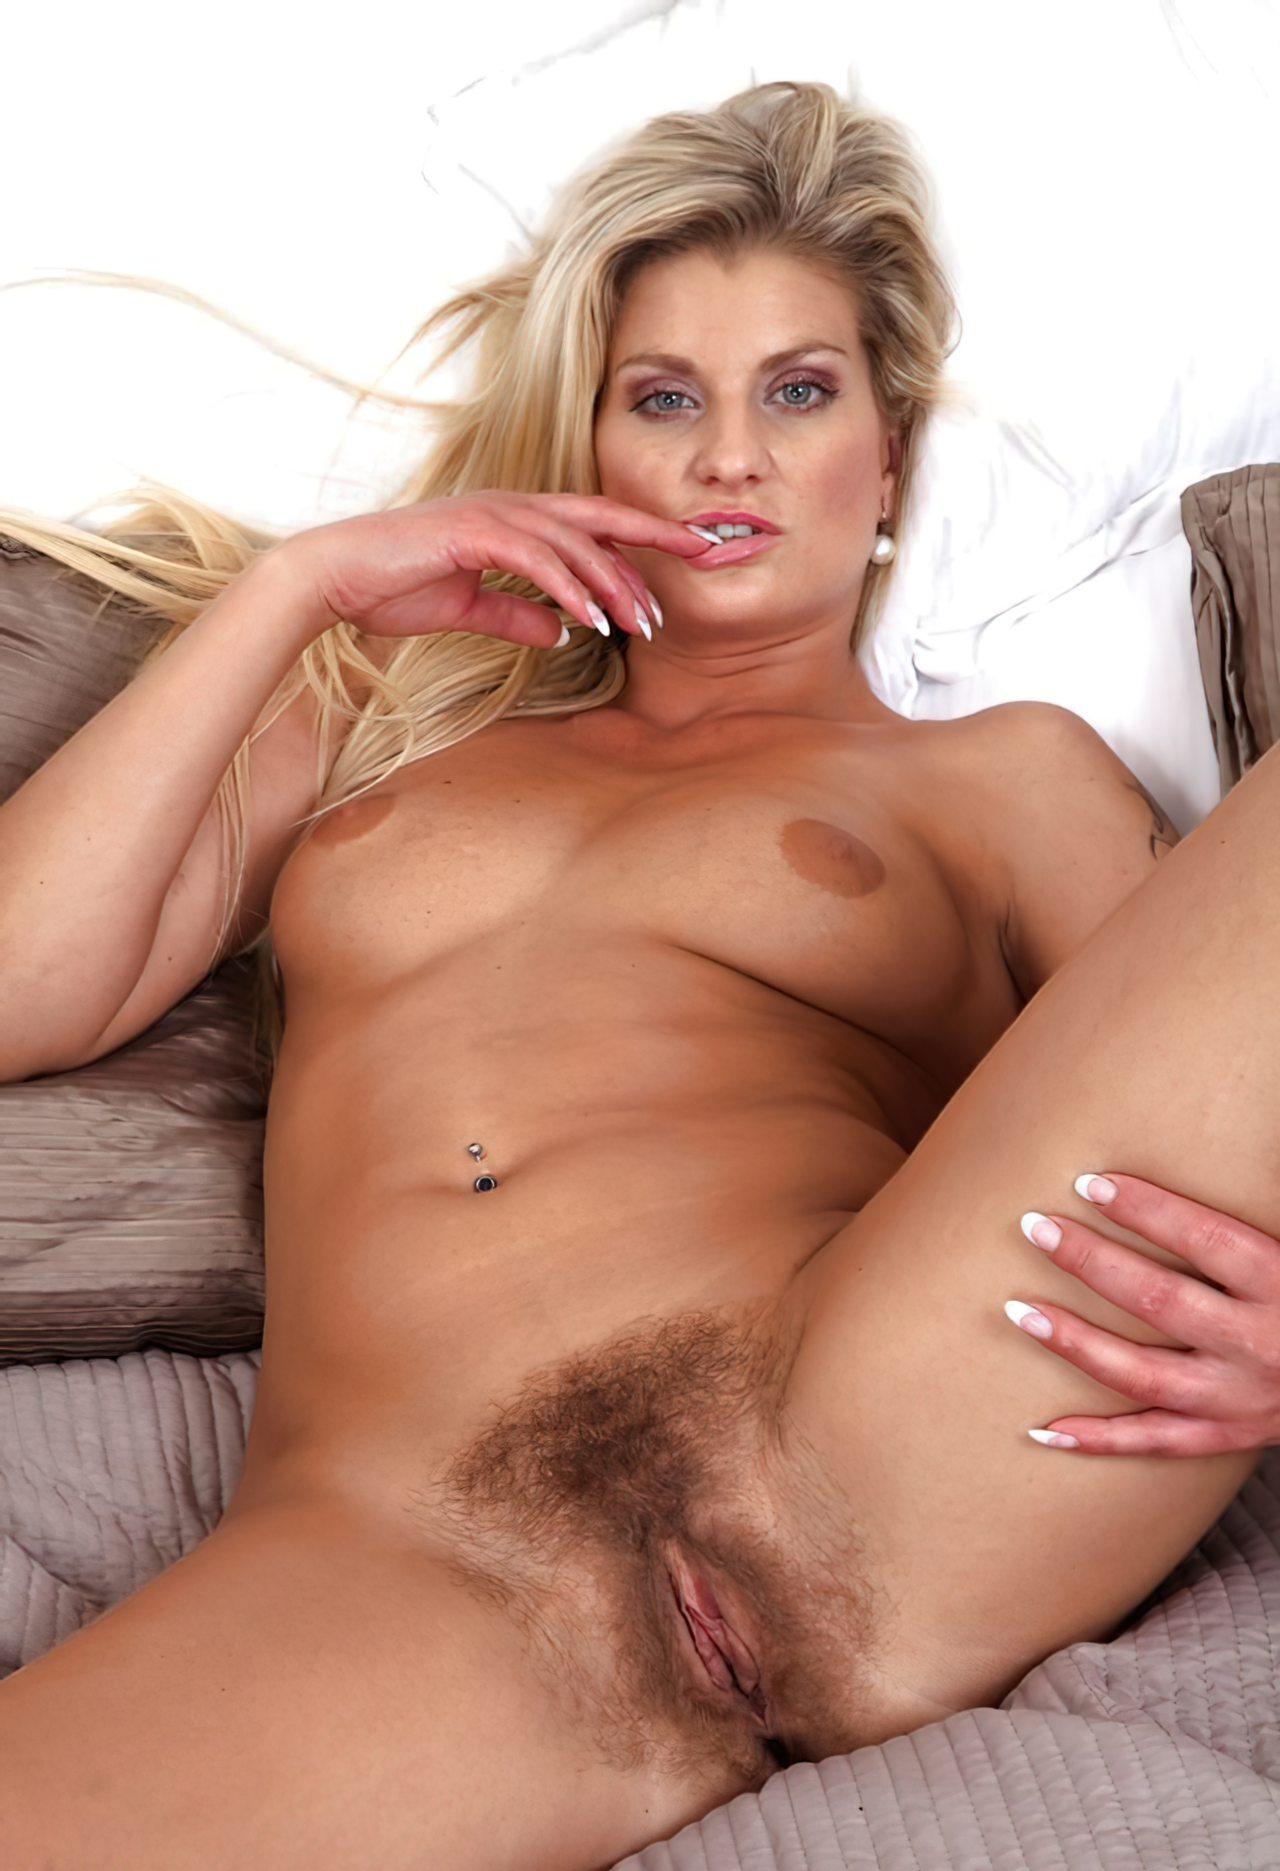 Mulher com Buceta Peluda (8)